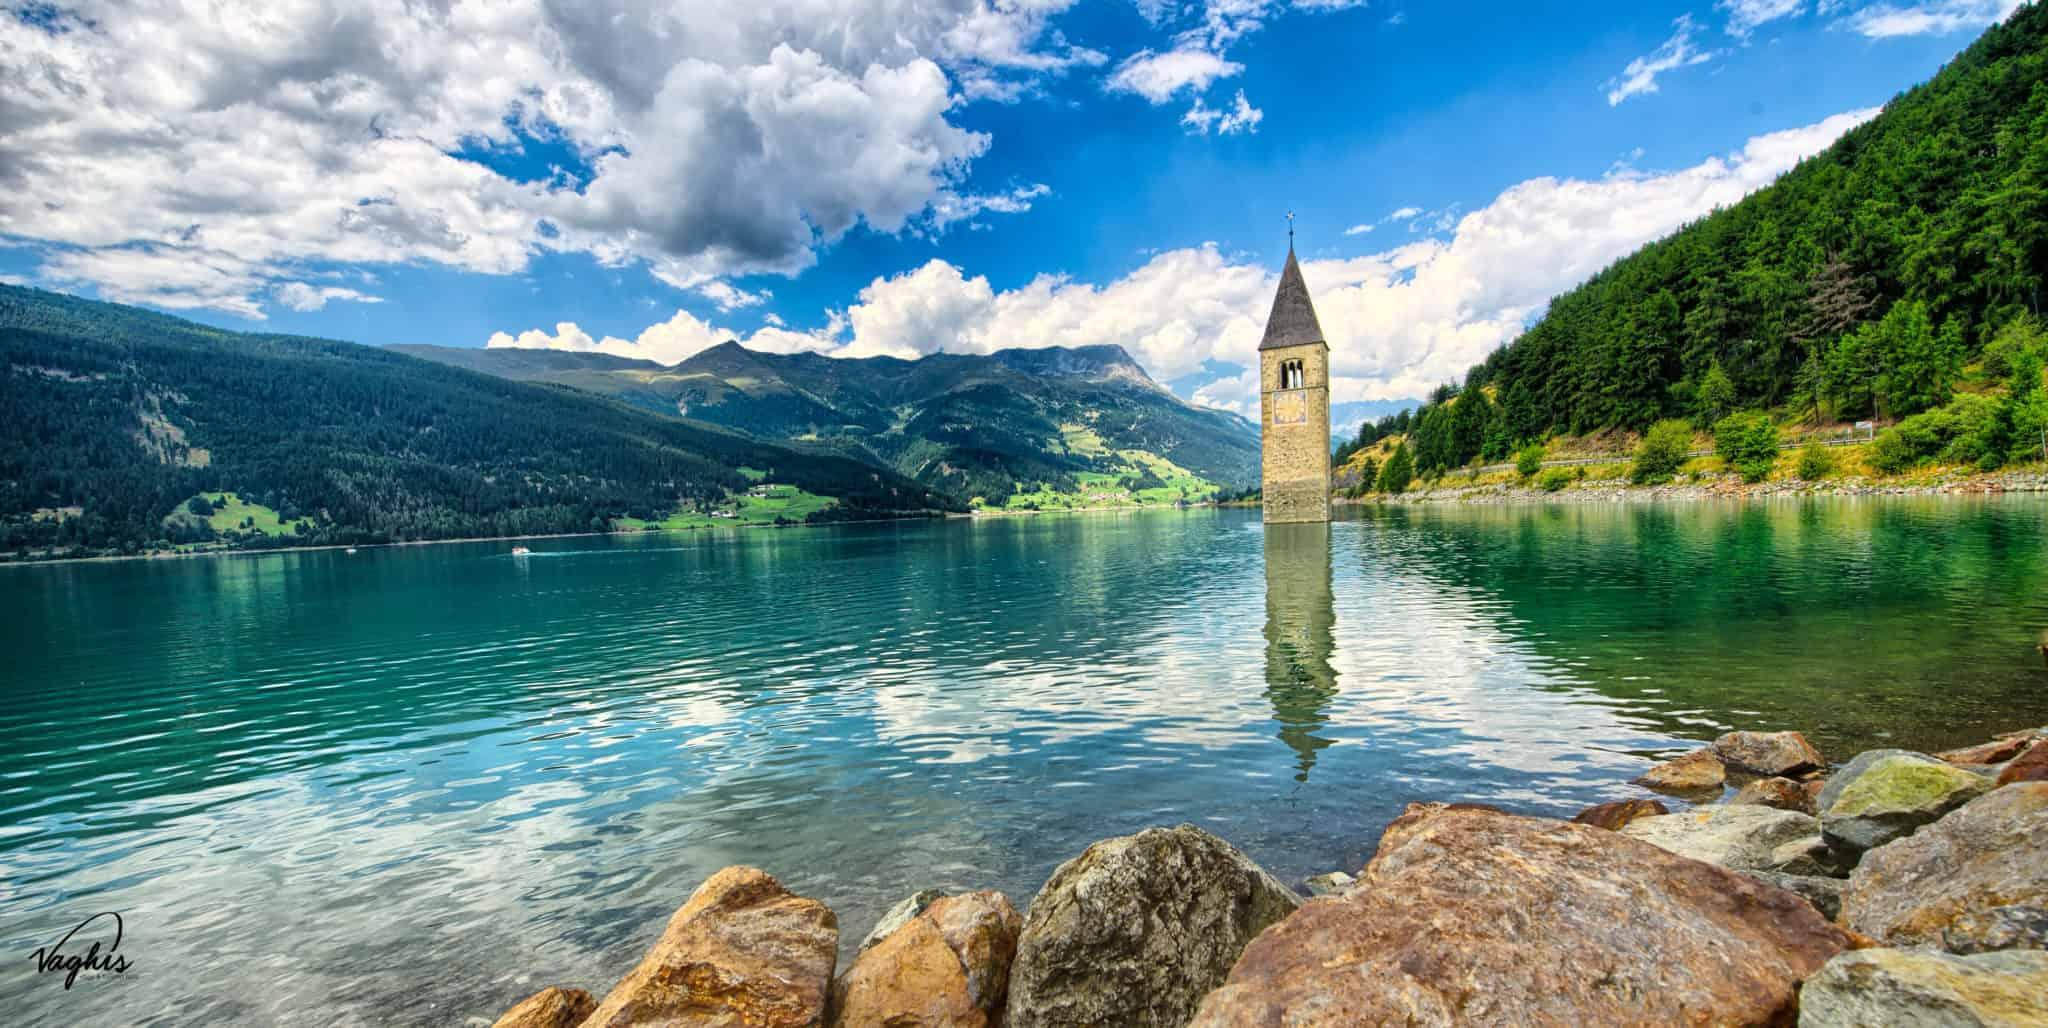 Lago di Resia: Il campanile di Curon Vecchia che emerge dalle acque del lago